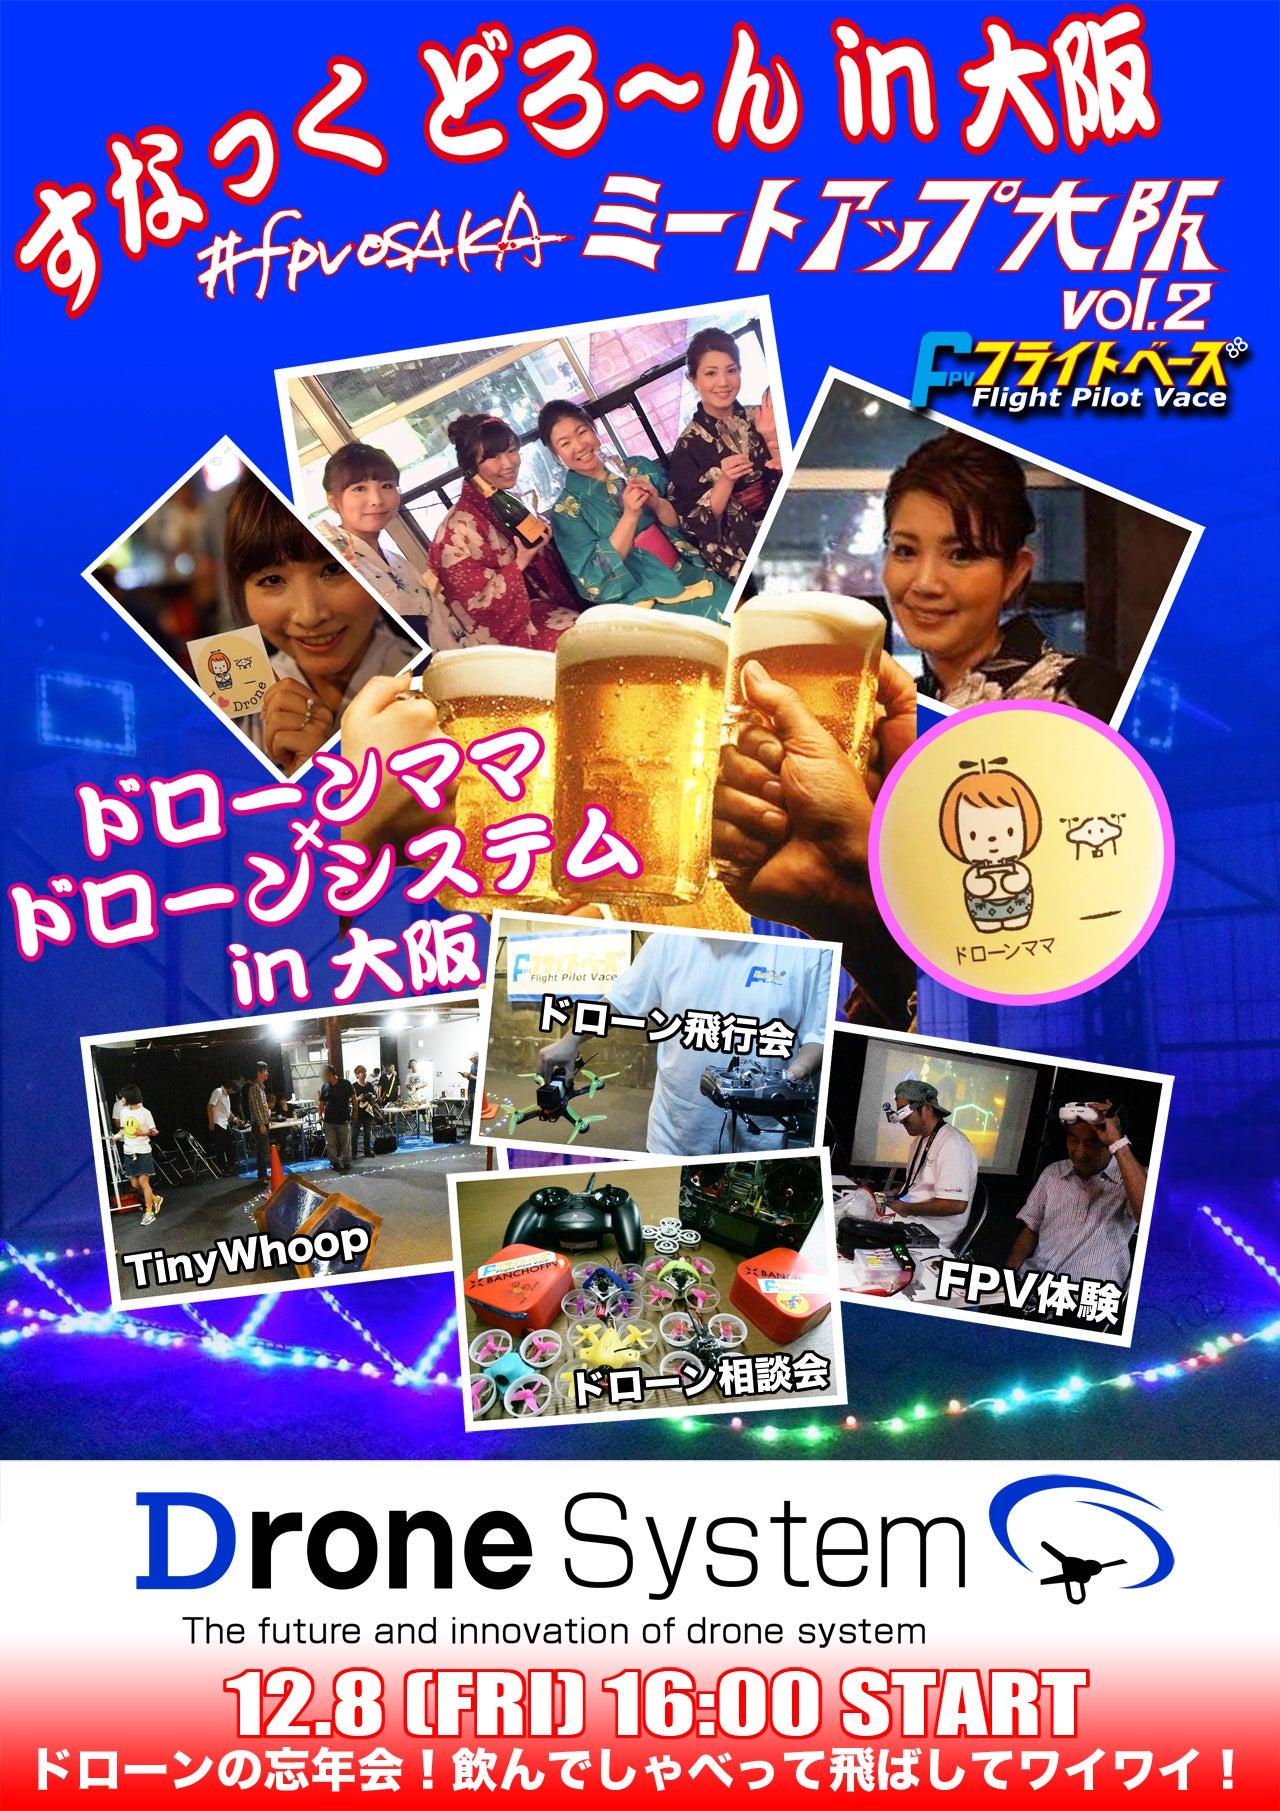 ドローンシステム×ドローンママ× #fpvosaka ミートアップ大阪 vol.2 開催決定!